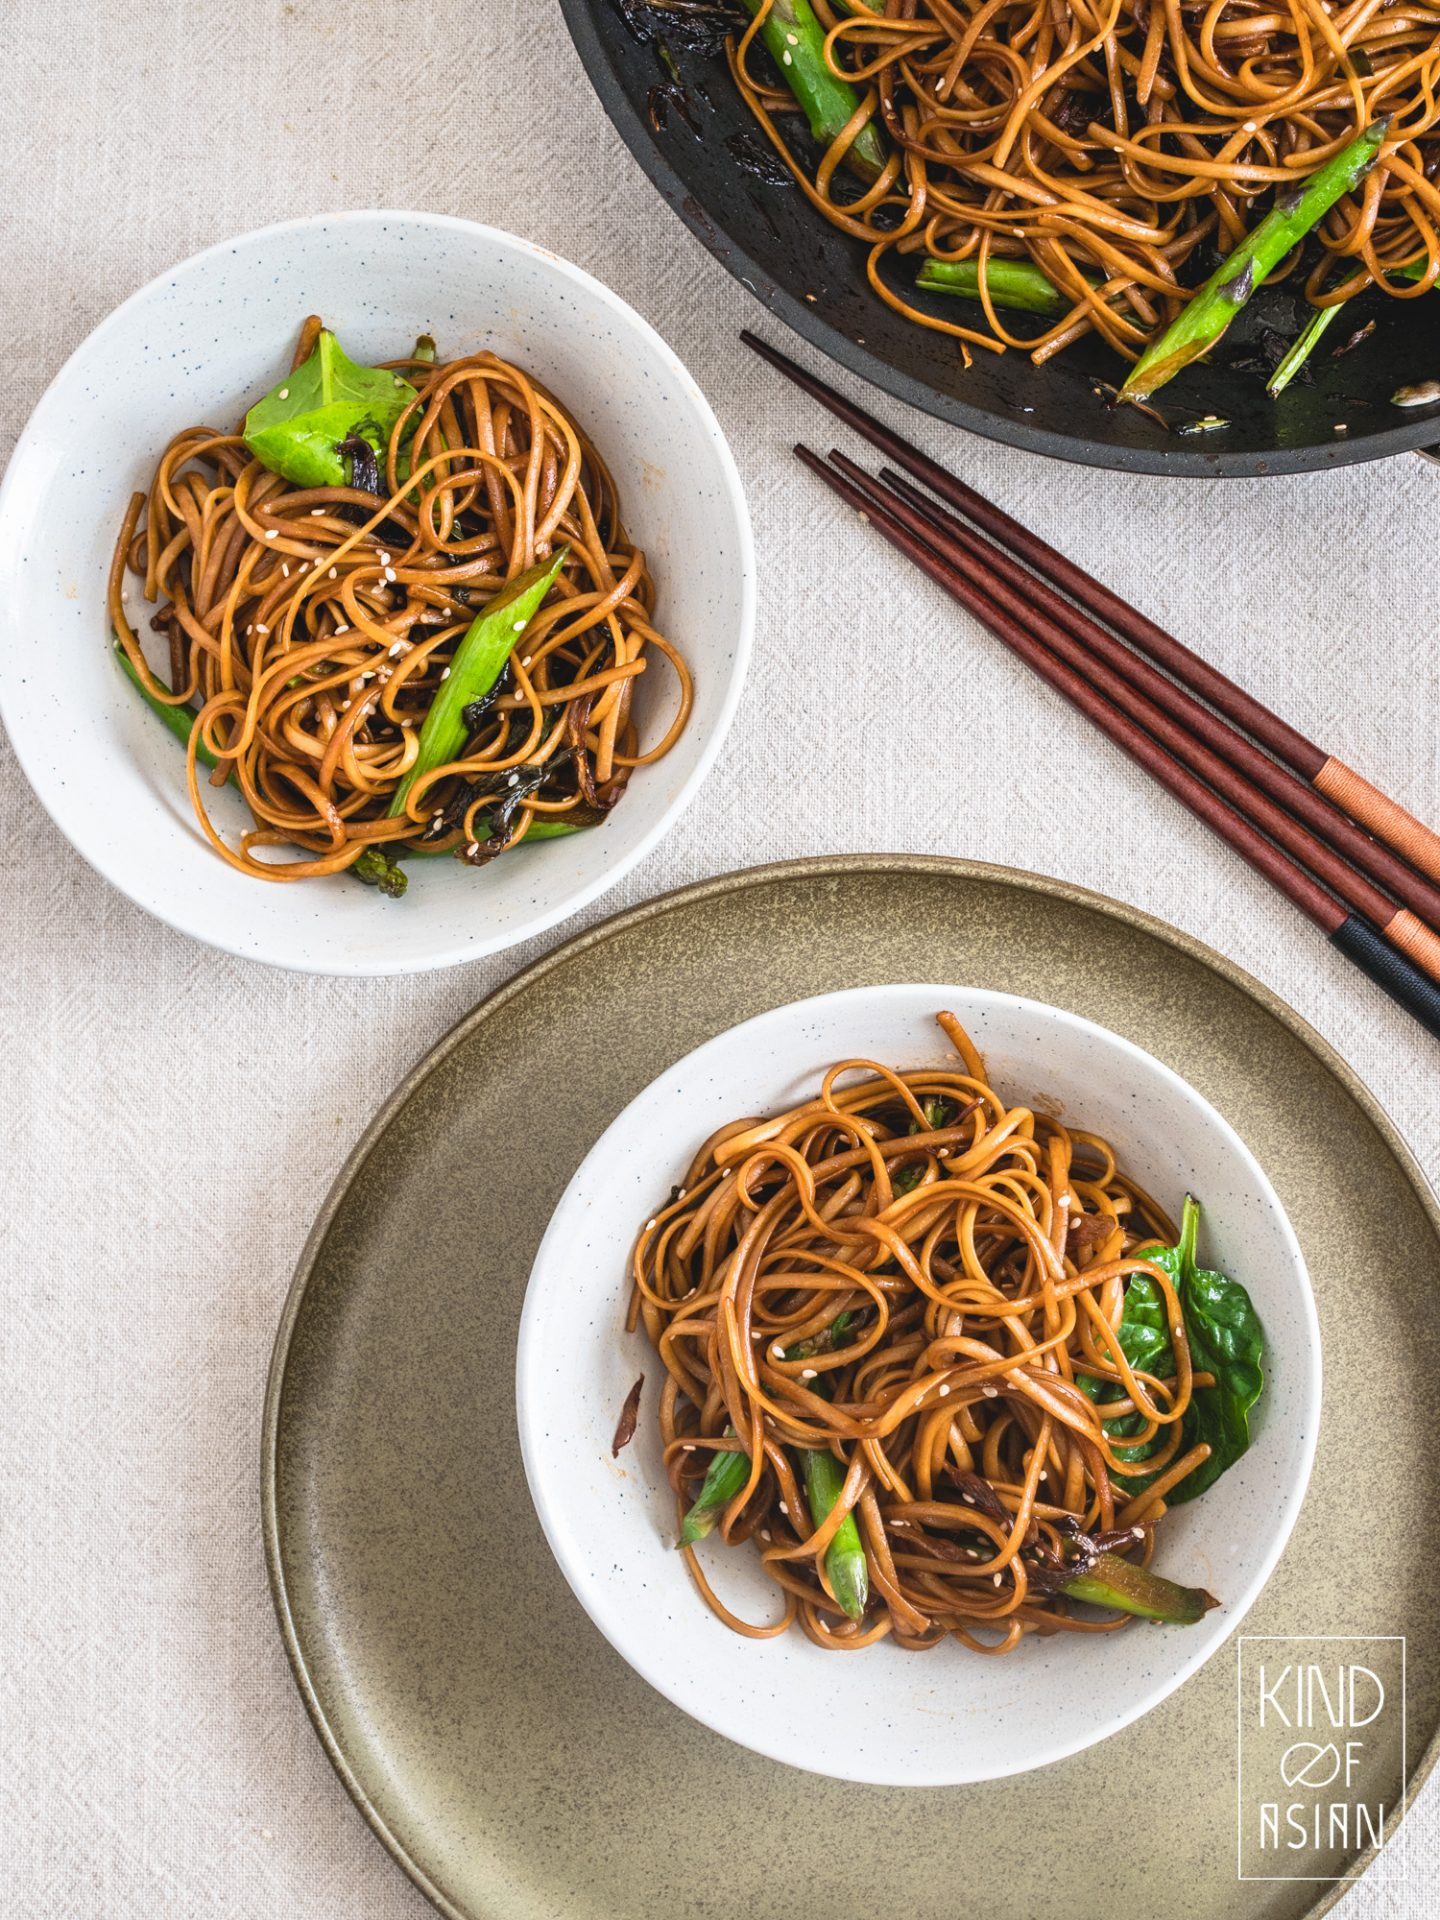 Met ingrediënten uit de supermarkt maak je deze deze chewy en smaakvolle noodles. Maar de kans is groot dat wat je nodig hebt voor deze 6-ingrediënten Chinese vegan noodles met lenteui-olie al in huis hebt! Een makkelijke recept voor een snelle doordeweekse vegan maaltijd. #vegannoodles #veganmakkelijk #noedels #makkelijkrecept #doordeweeksdinner